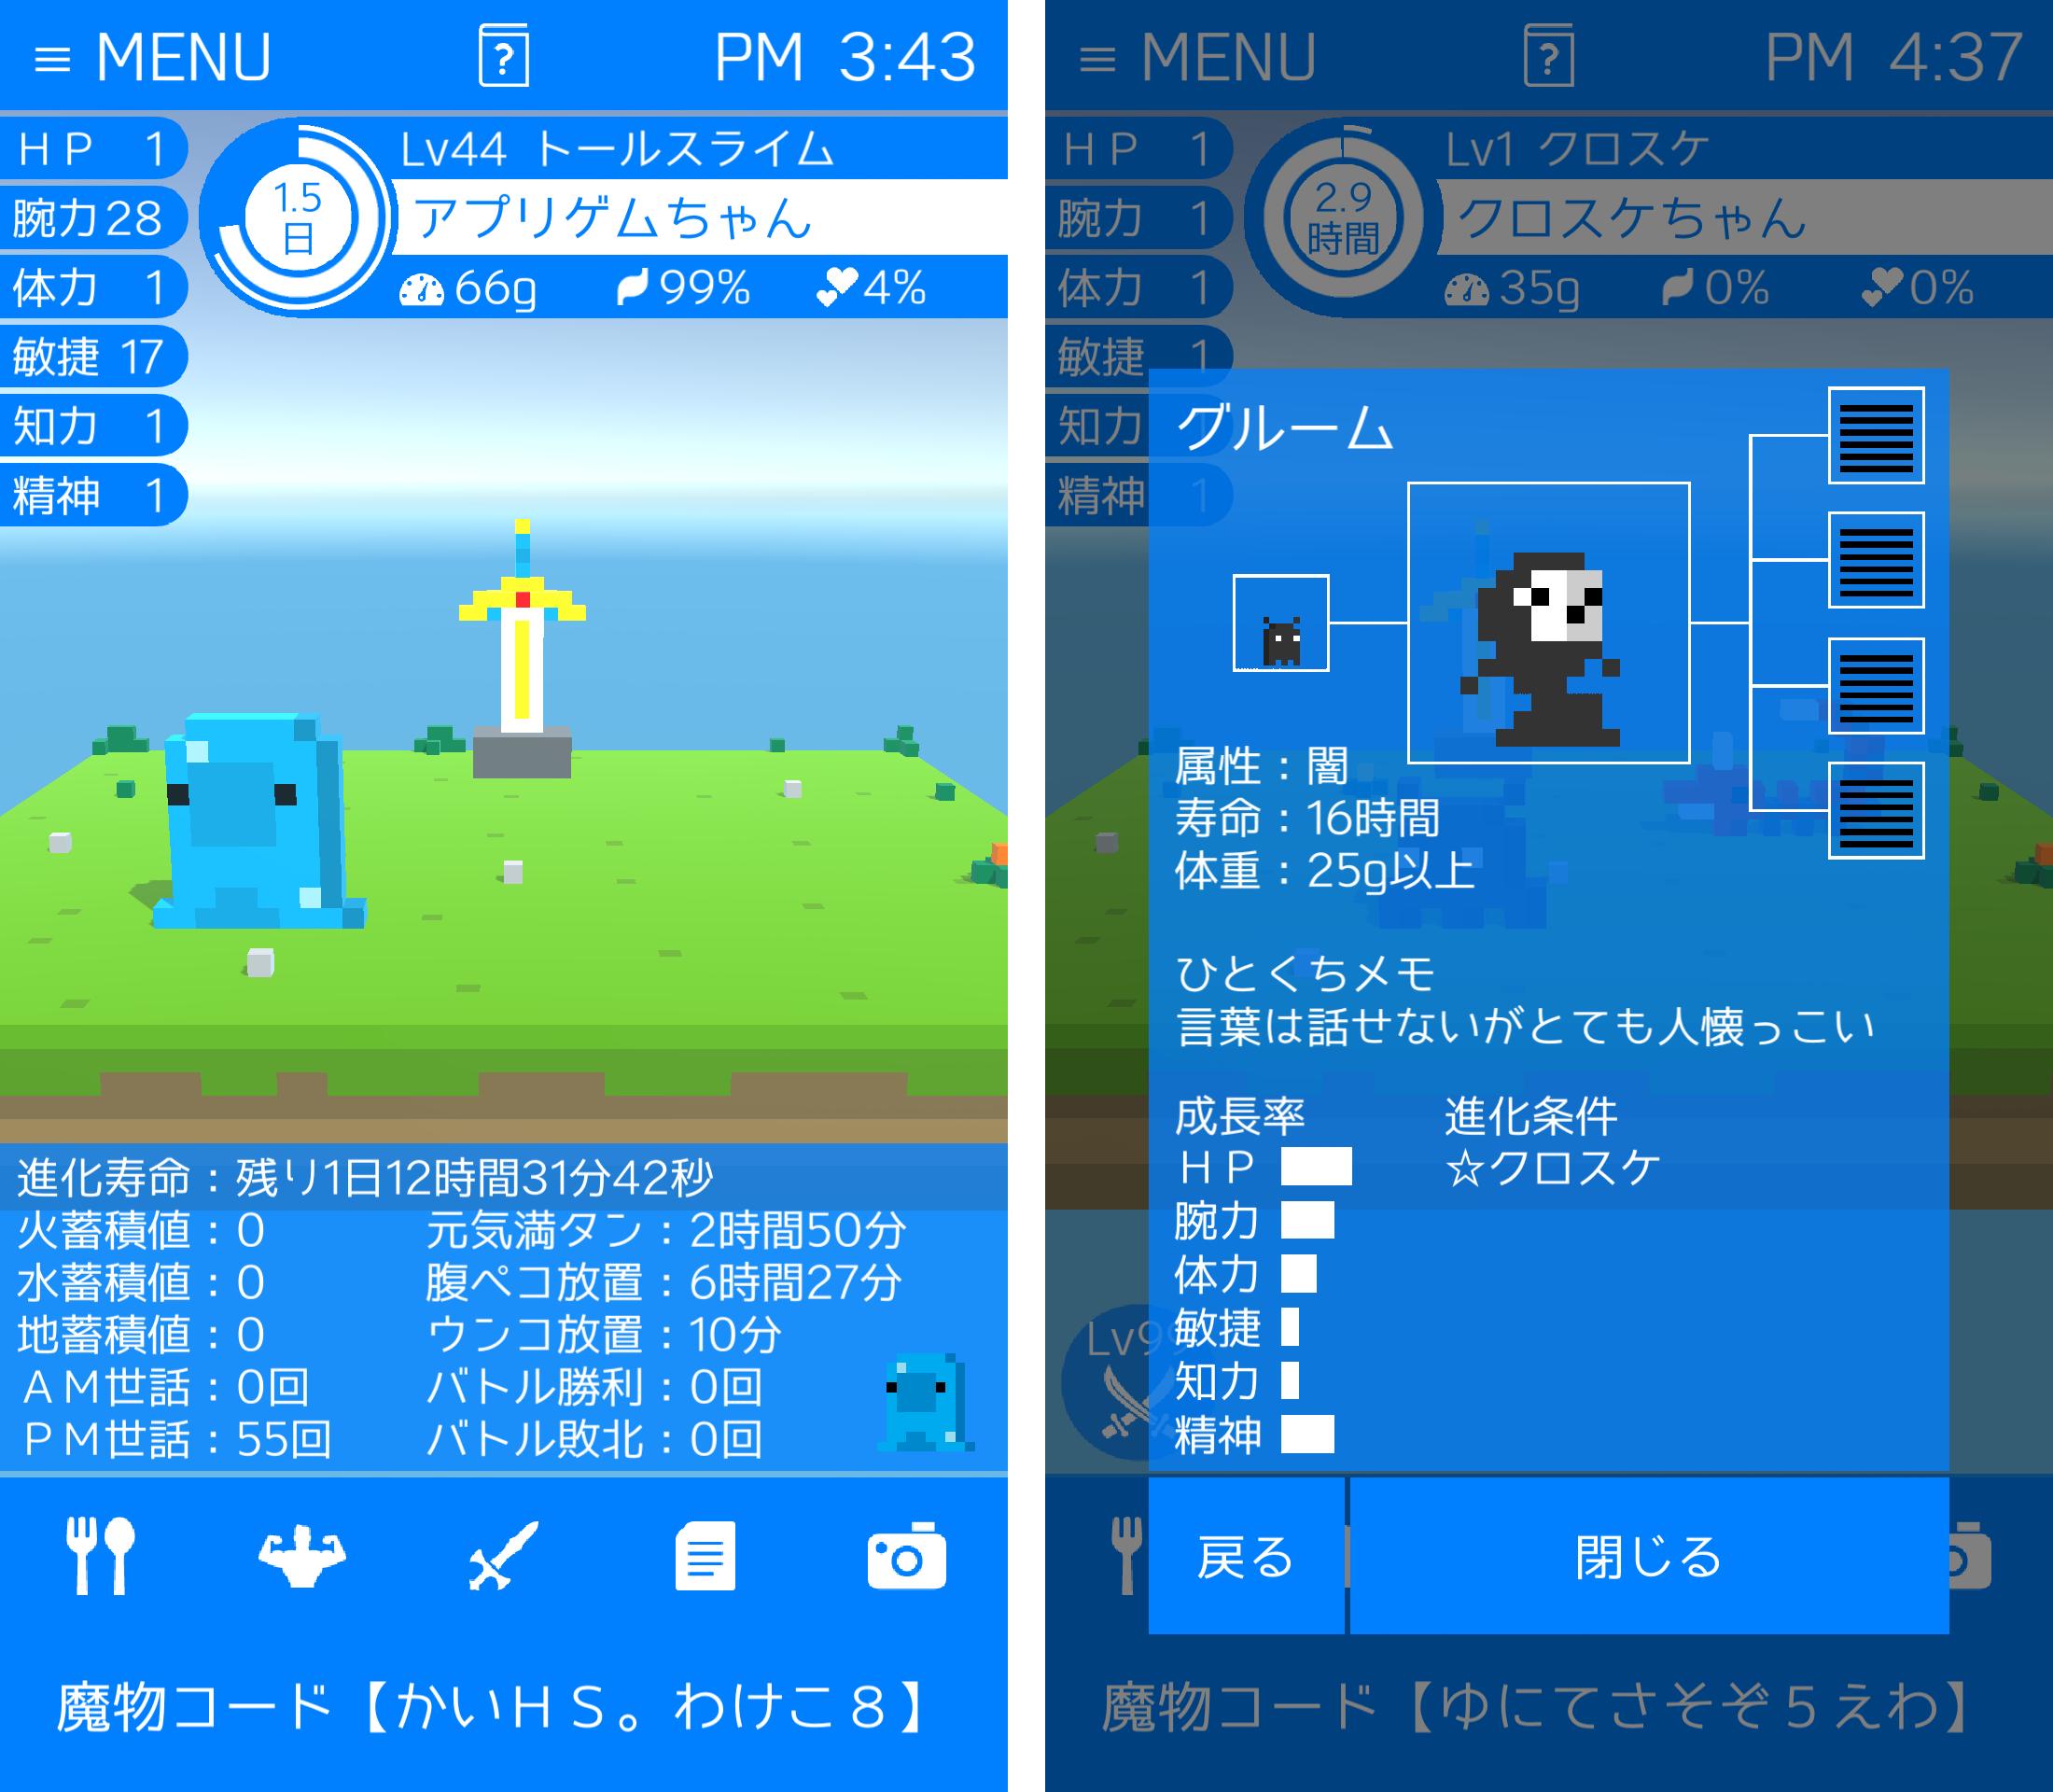 ボクセルモンスター(ボクモン) androidアプリスクリーンショット3